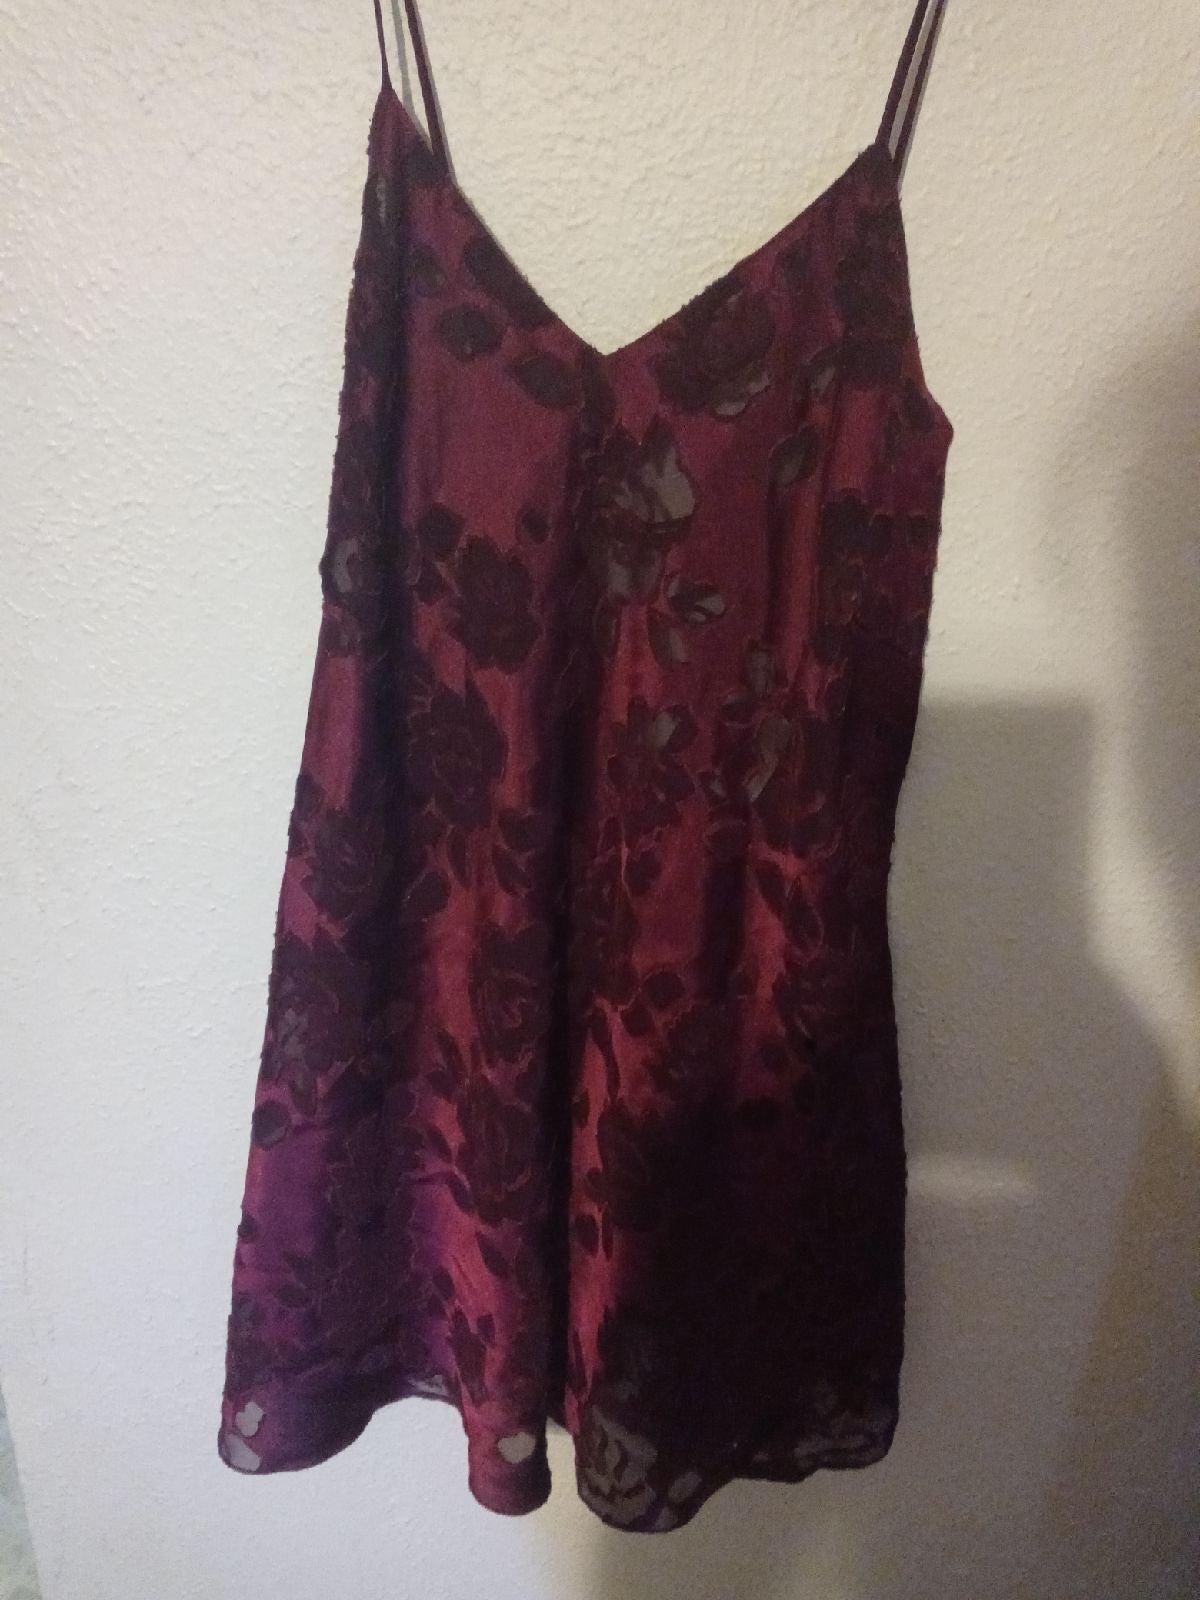 Vintage Victorias secret slip night gown